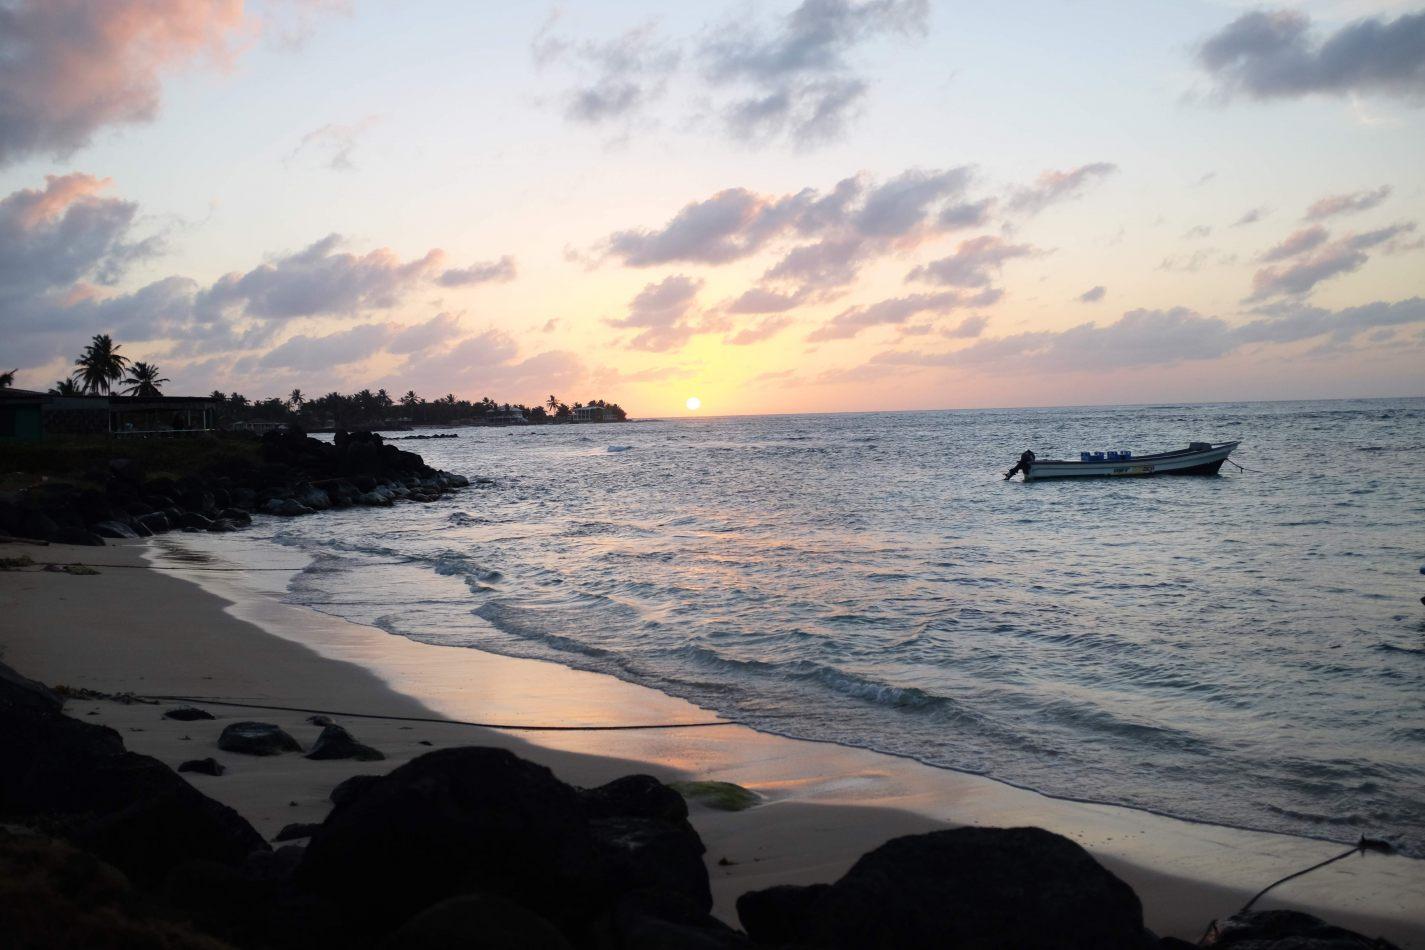 Hibiscus & Nomada : - - Sunset in Big Corn Island